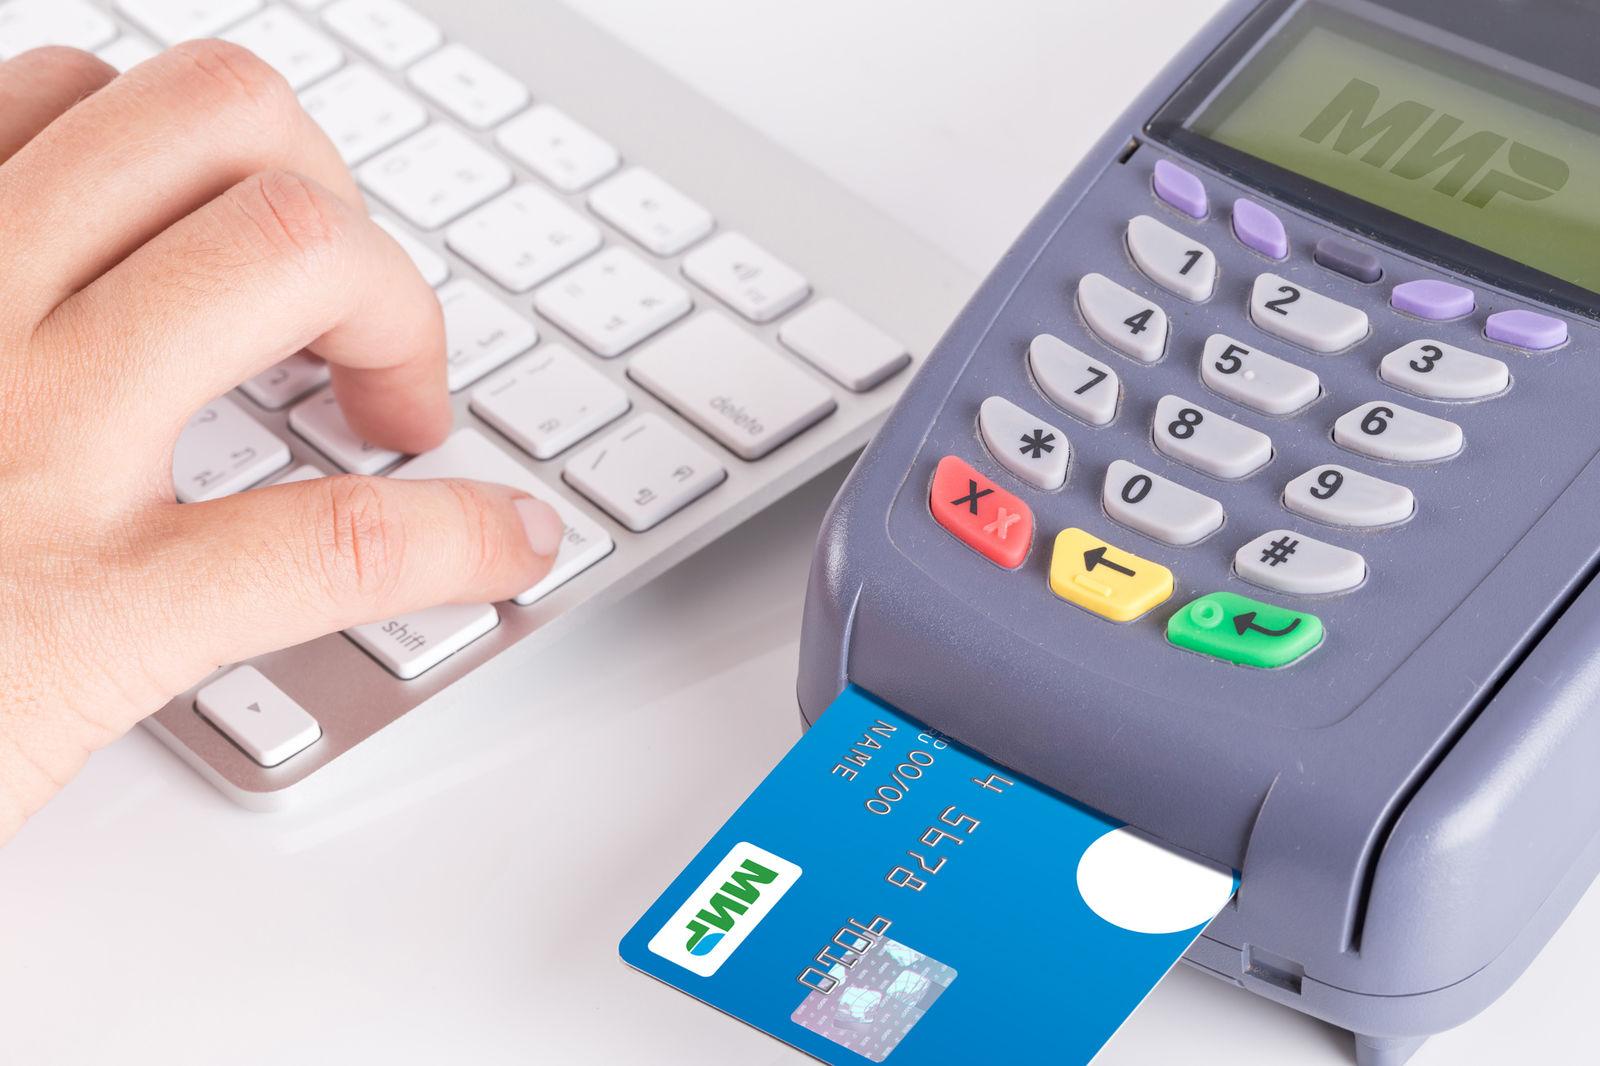 Национальная система платежных карт (НСПК) «Мир»